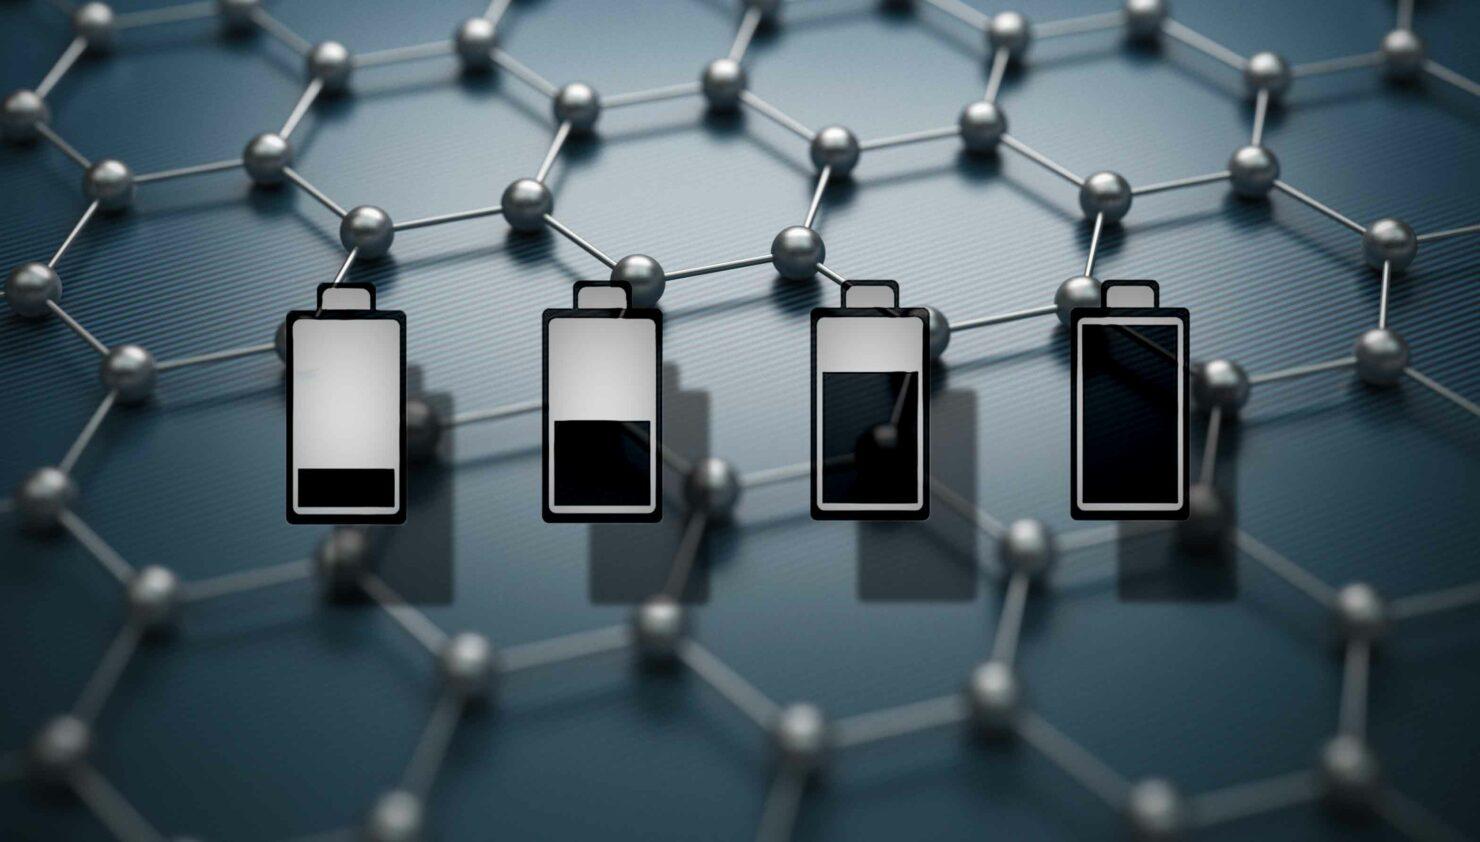 Graphene batteries for smartphones